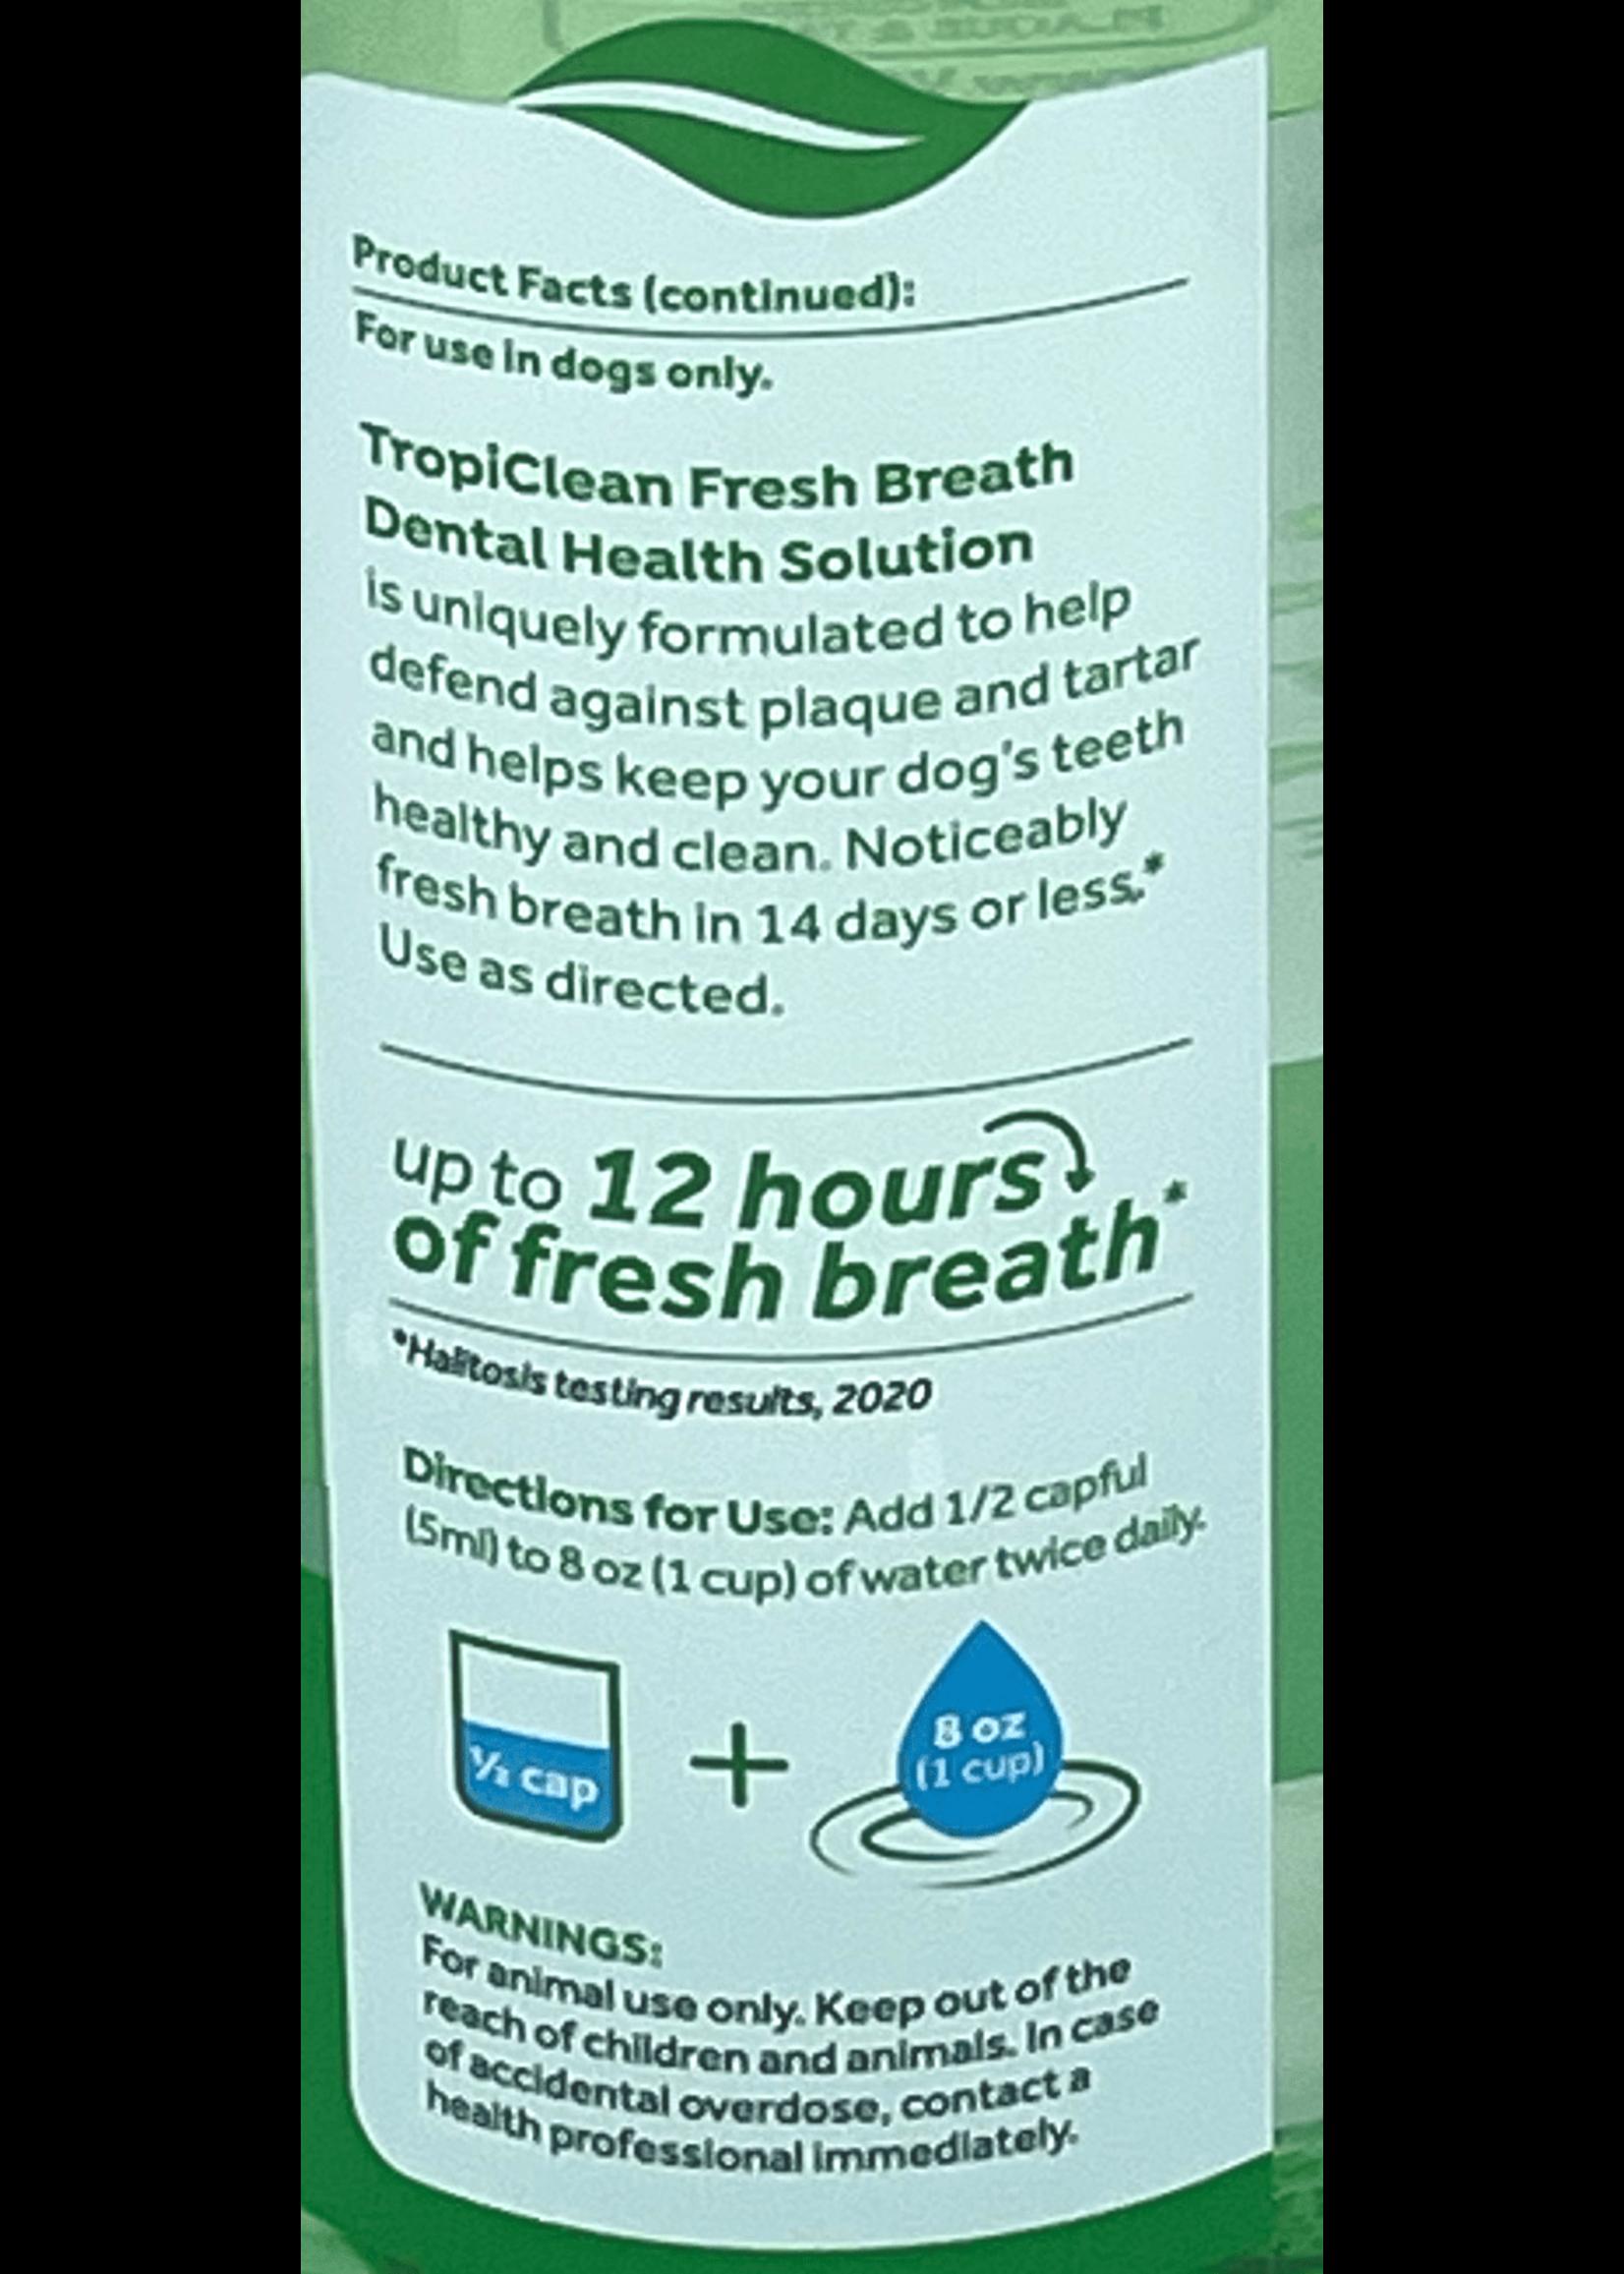 TropiClean Fresh Breath Dog Dental Health 16oz